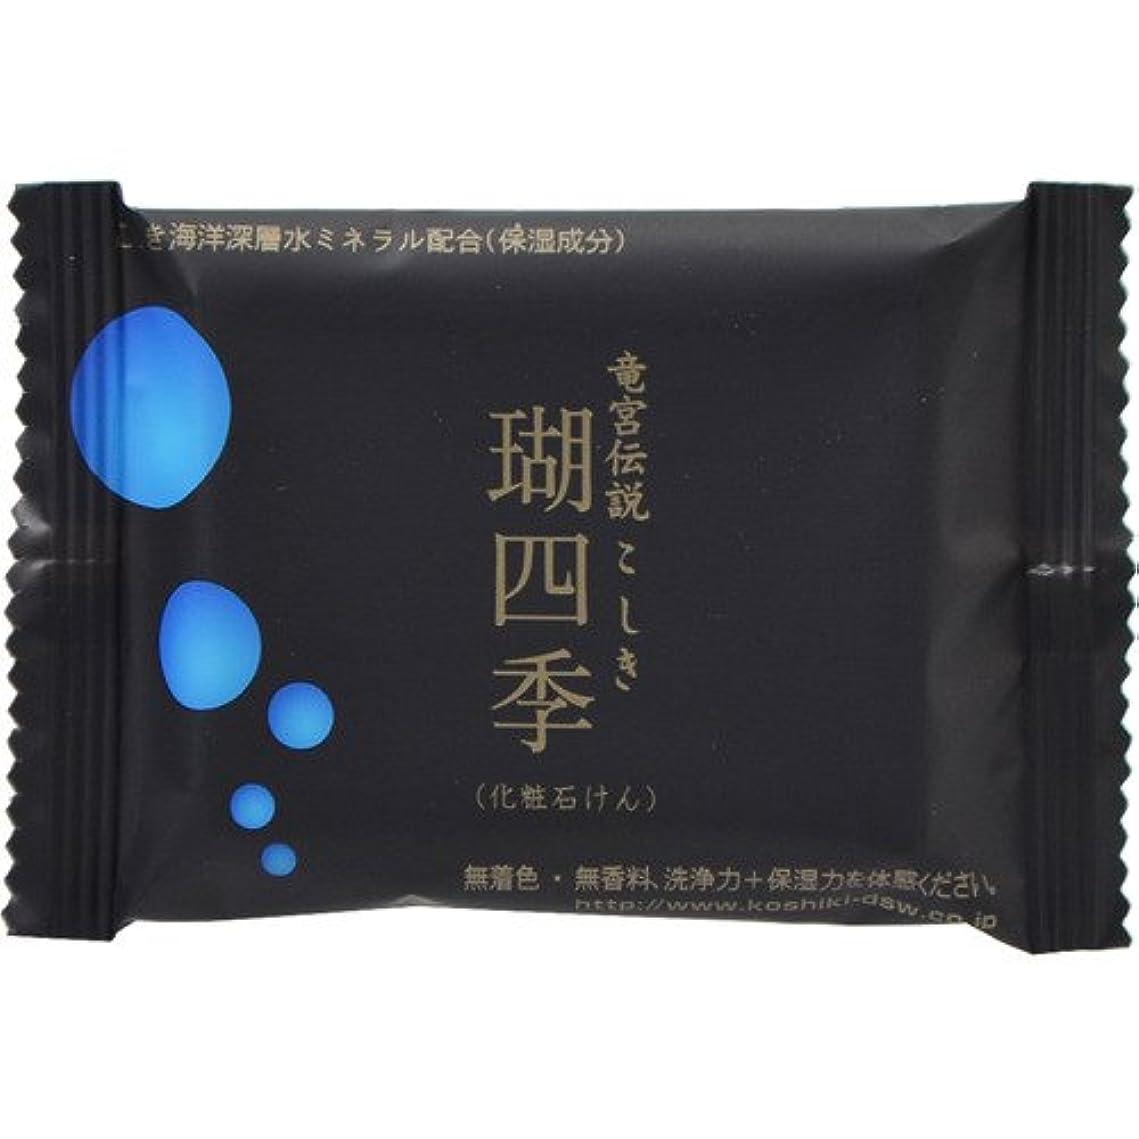 がんばり続ける変形ブート瑚四季 化粧石鹸 30g